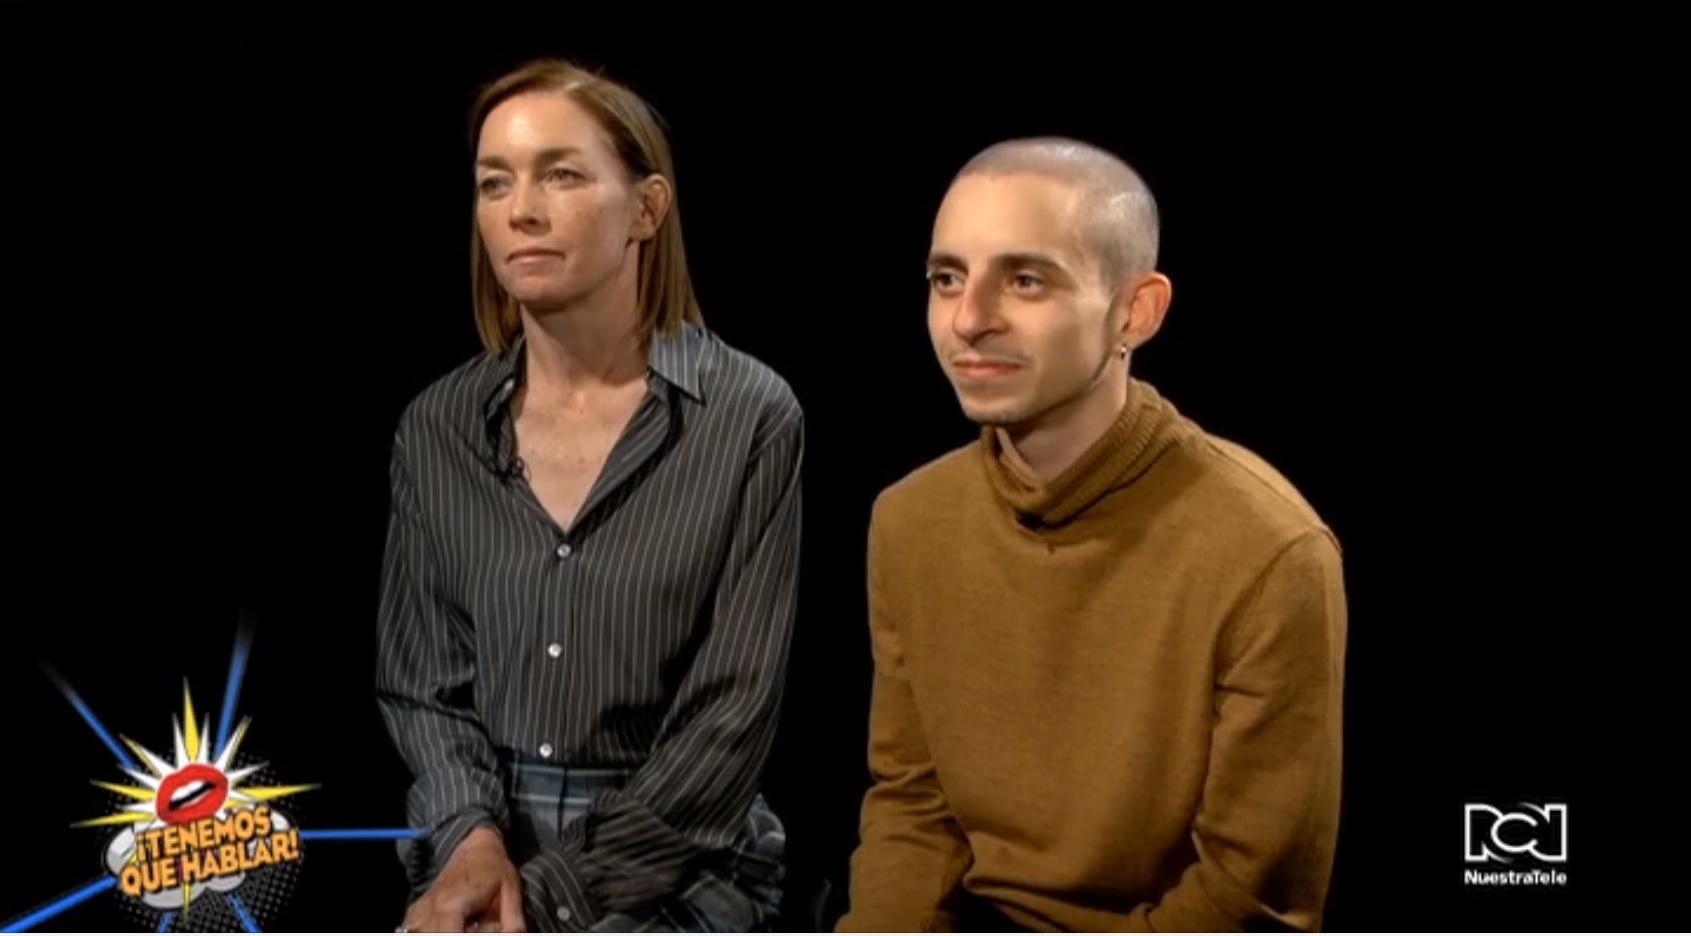 Julianne Nicholson y Móises Arias nos contaron su experiencia en la película 'Monos' de Alejandro Landes